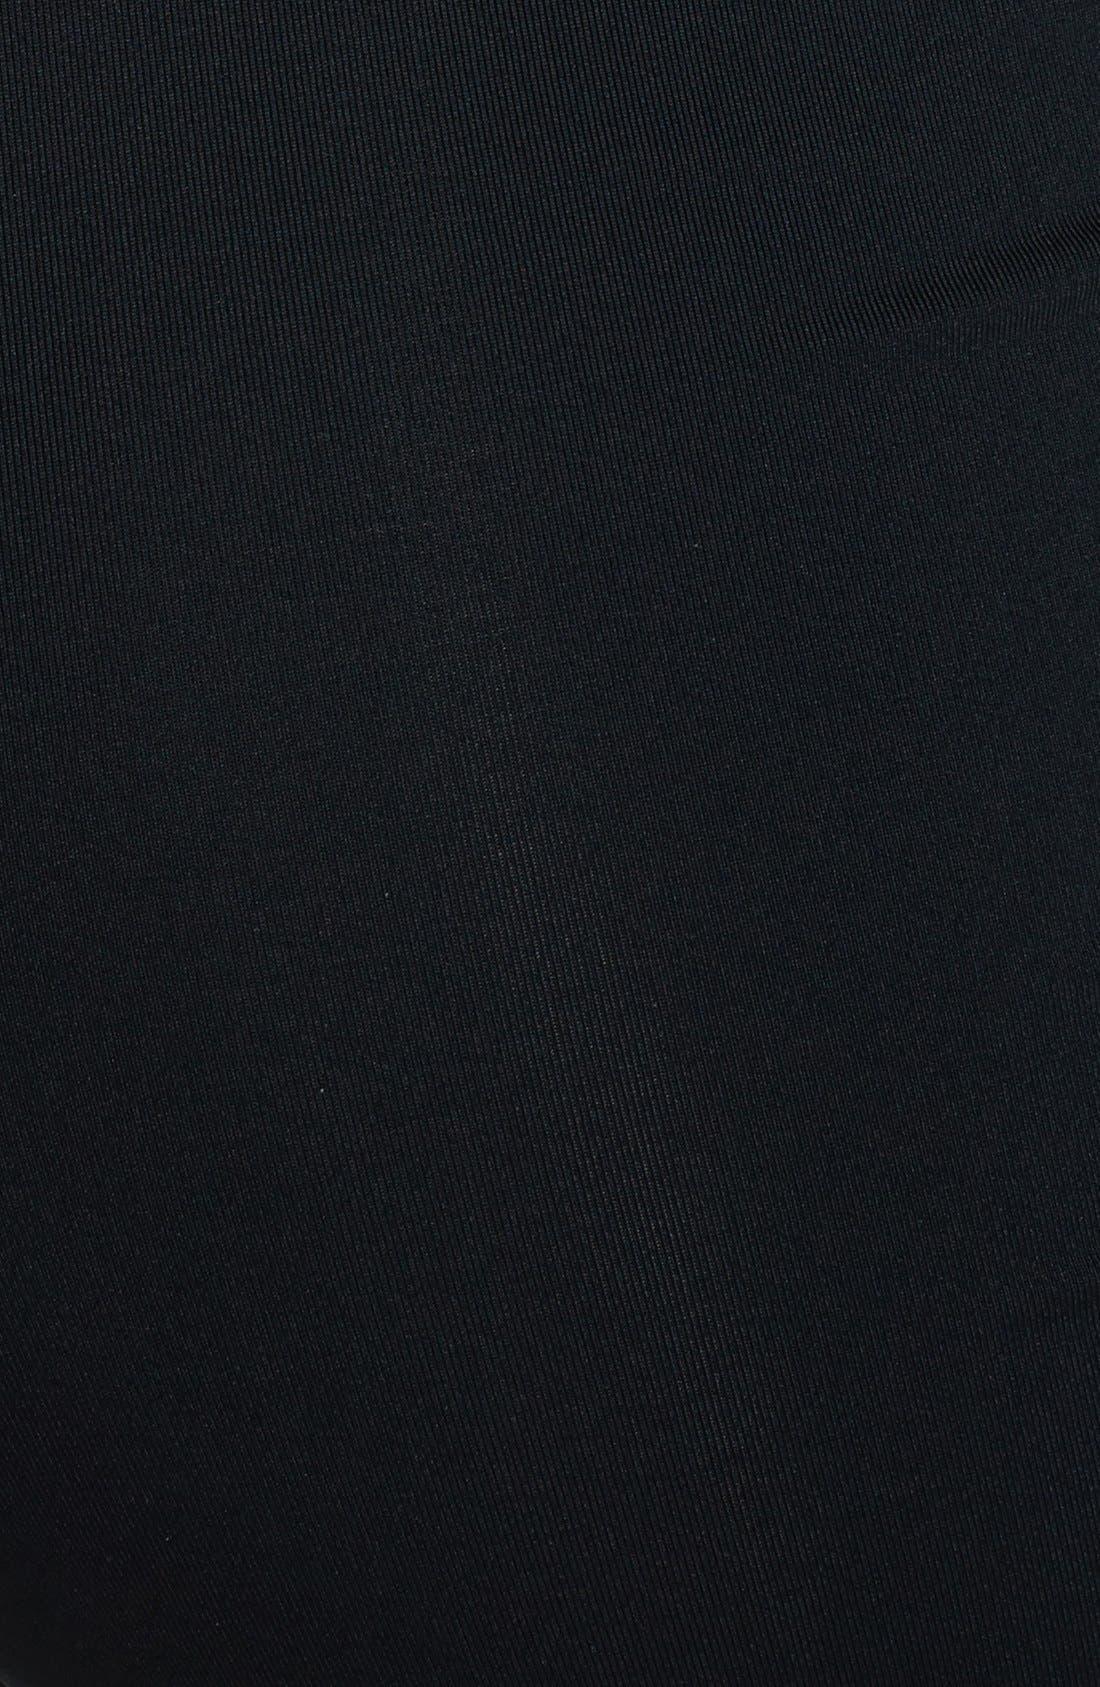 Alternate Image 3  - Nike 'Pro' Dri-FIT Shorts